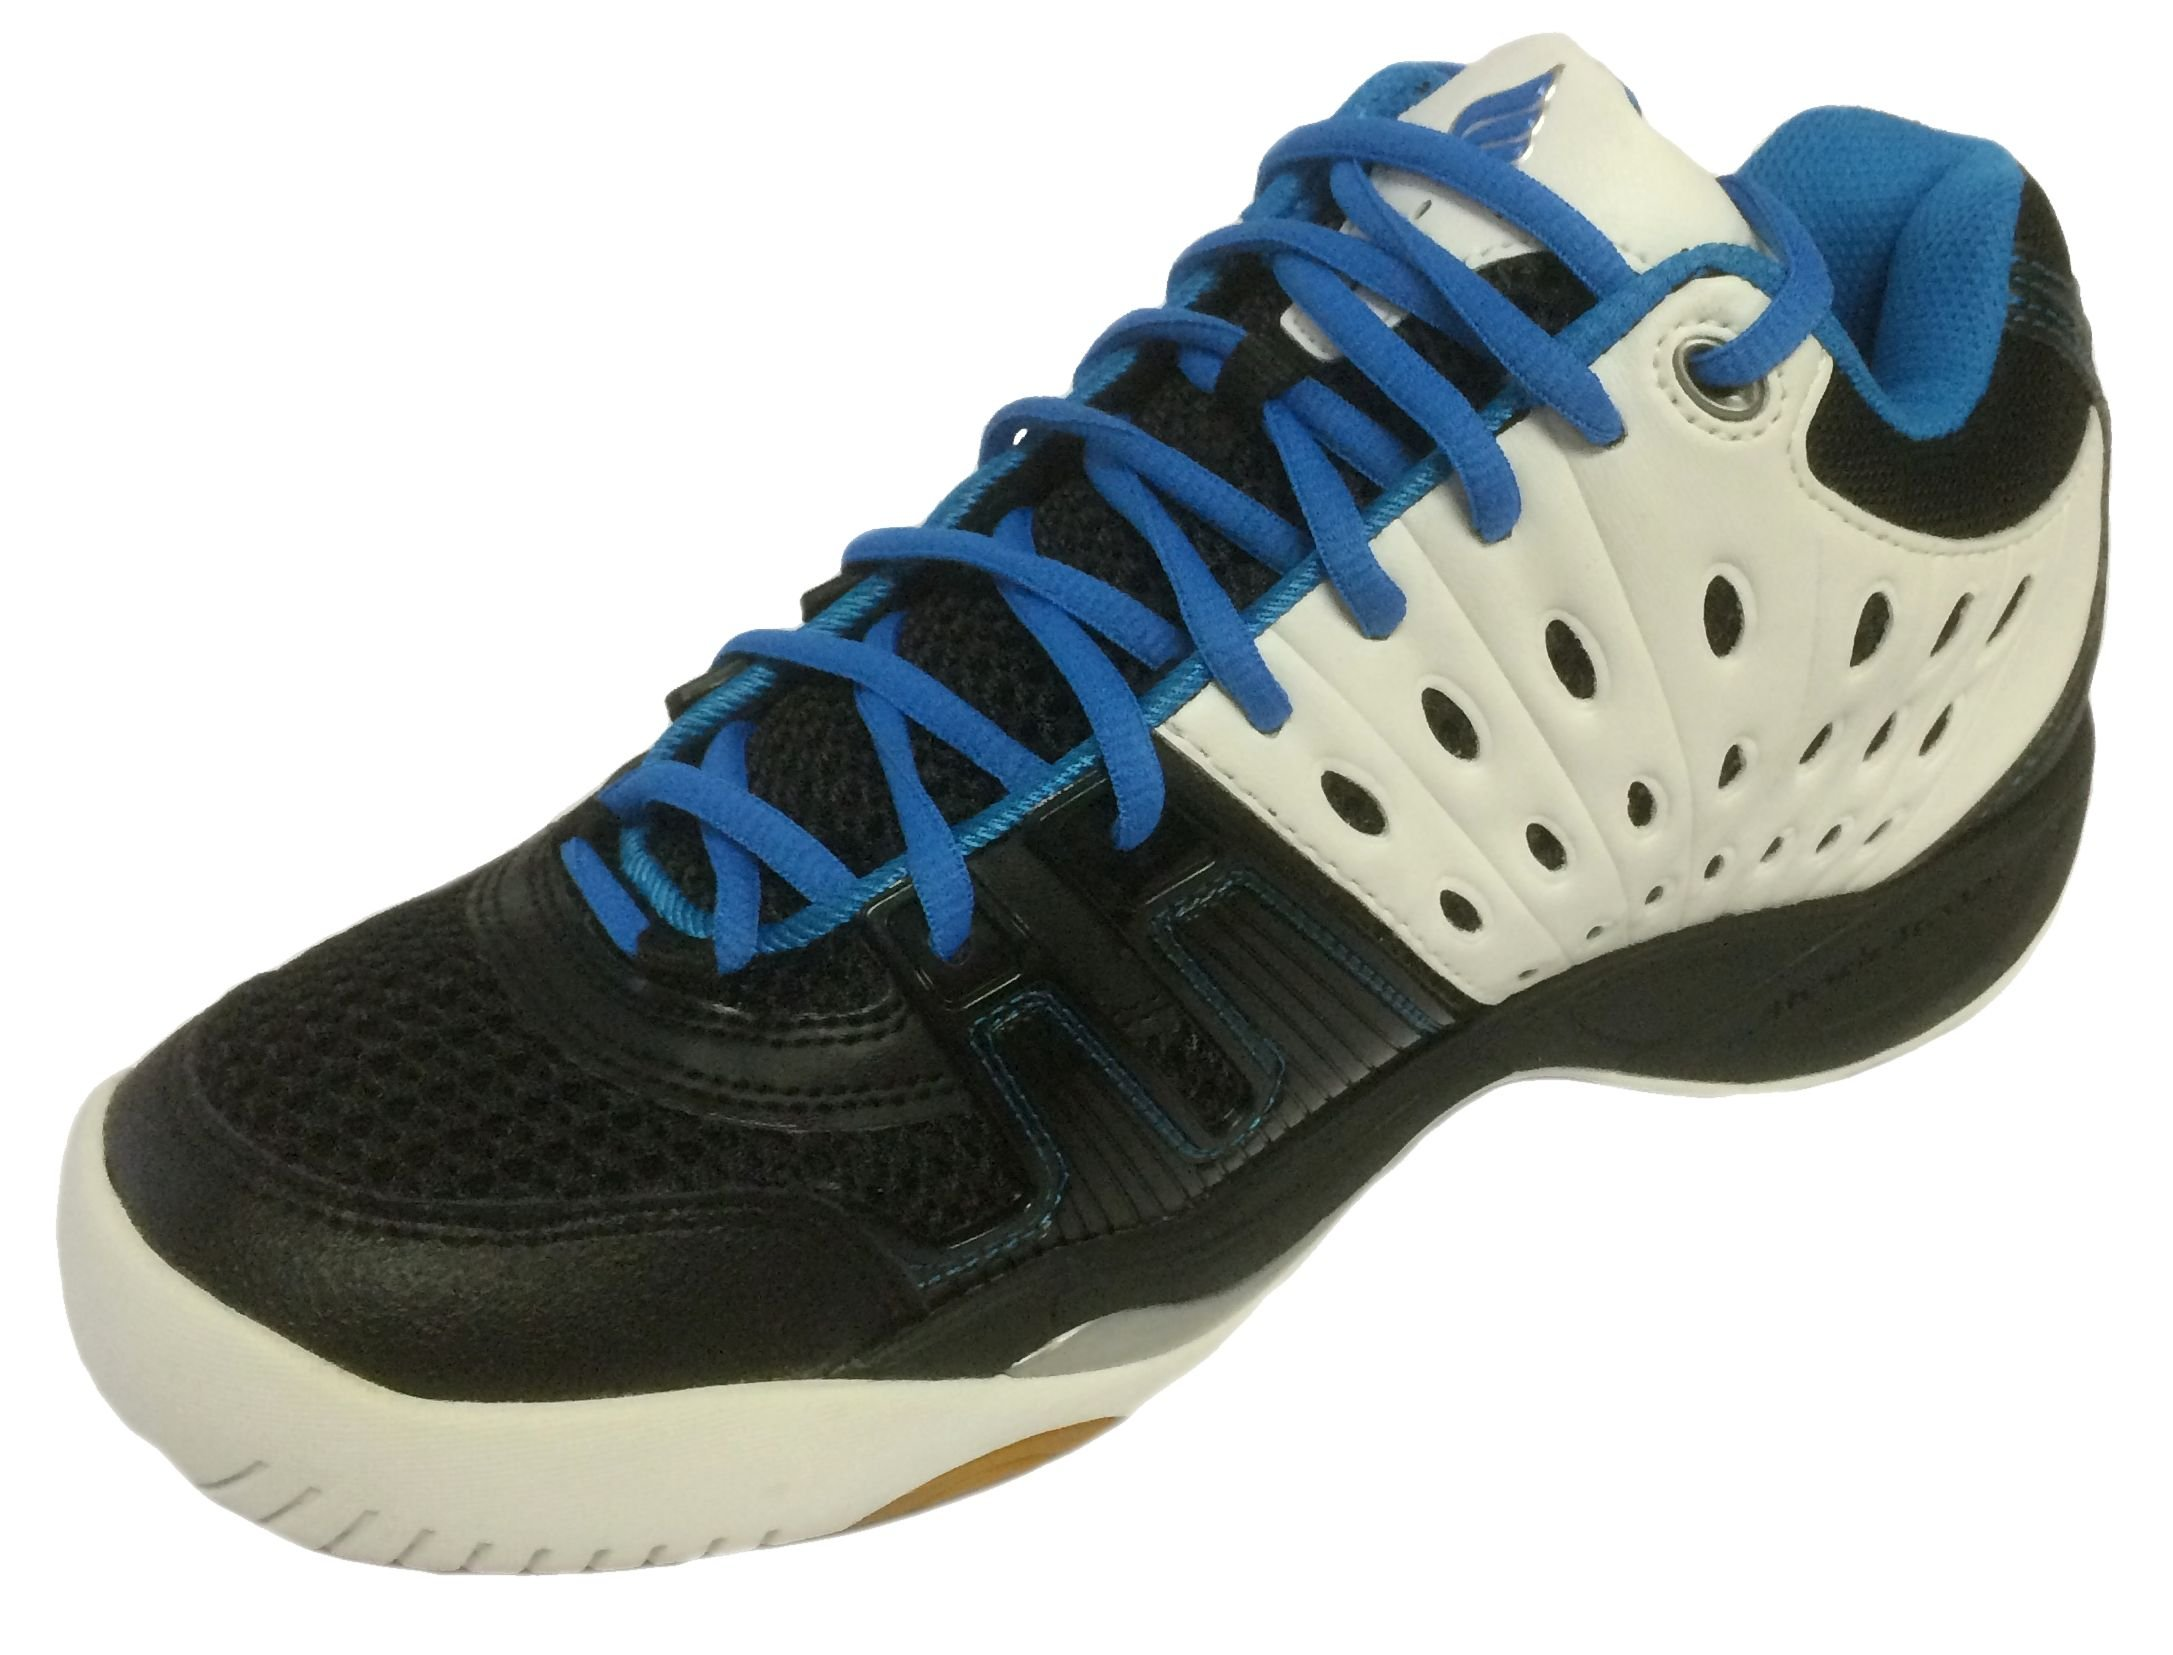 Ektelon Men's T22 Mid White/Black/Energy Blue Synthethic Racquetball Shoes 11 D(M) US by Ektelon (Image #1)